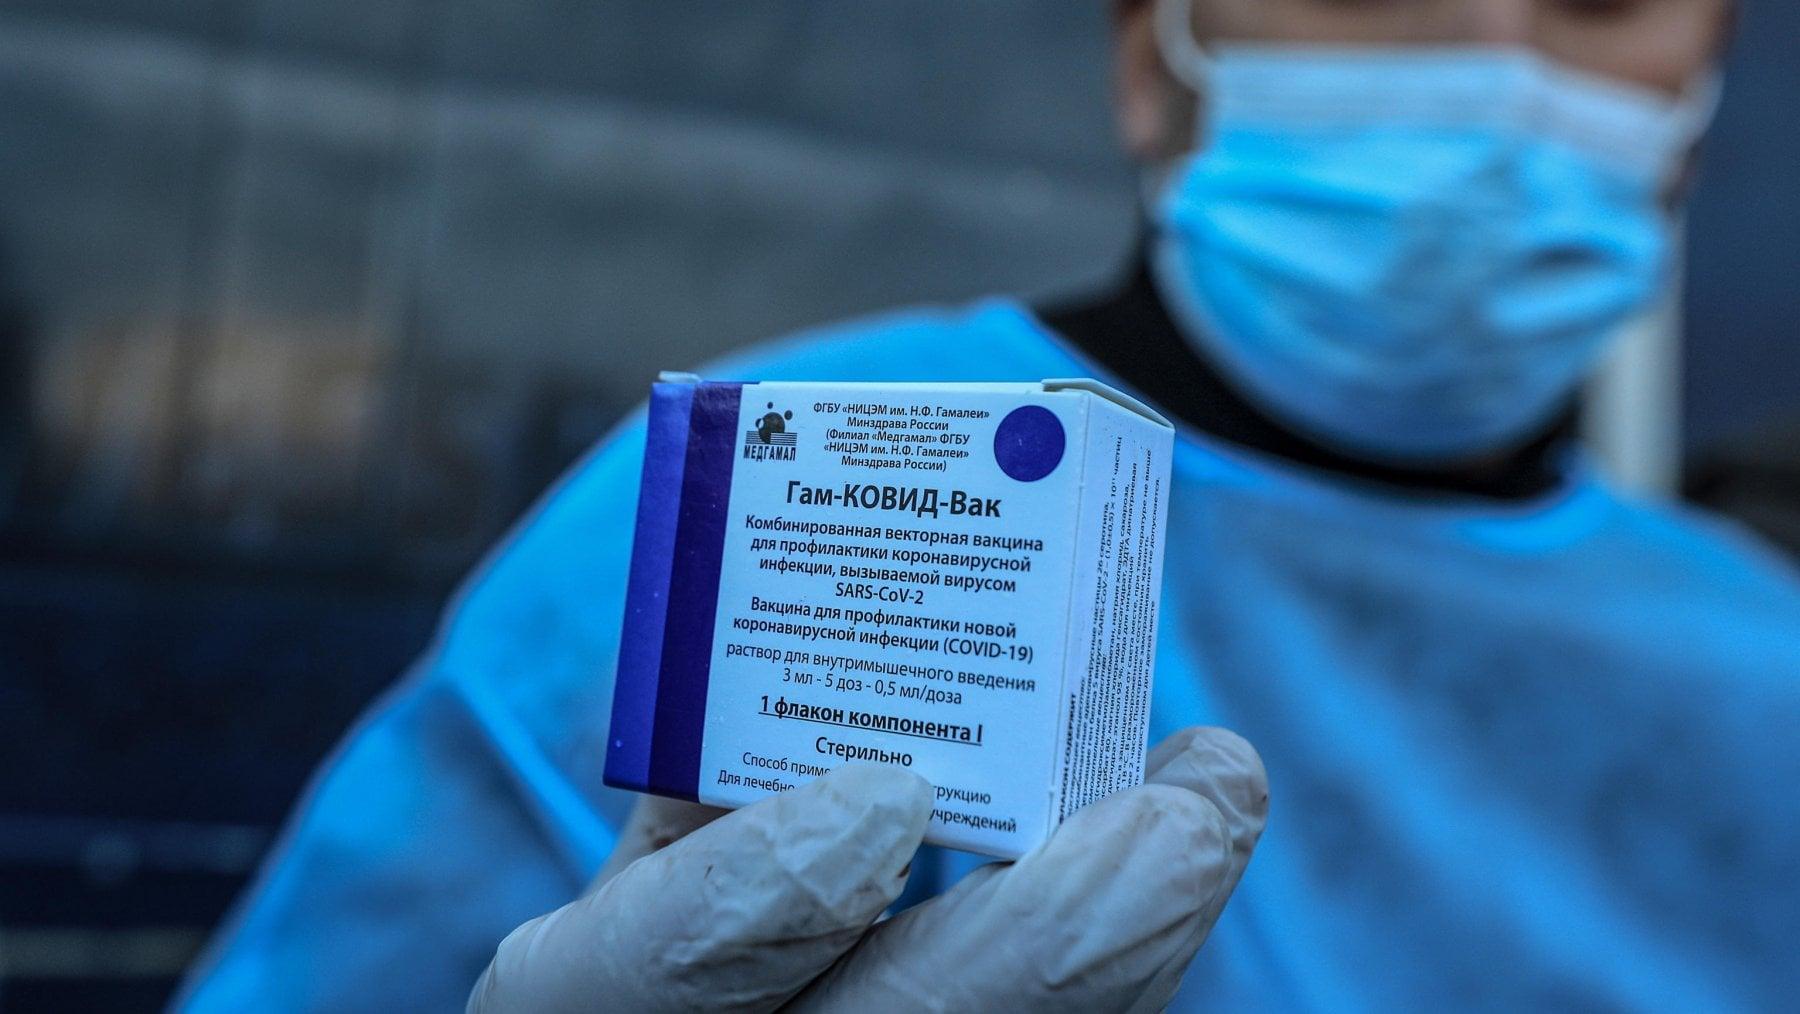 """231814790 2b87ad4e 9e9e 4c72 8859 aff7f5af0cf0 - Coronavirus, la Russia attacca la Slovacchia: """"Contro il vaccino Sputnik disinformazione e sabotaggio"""""""